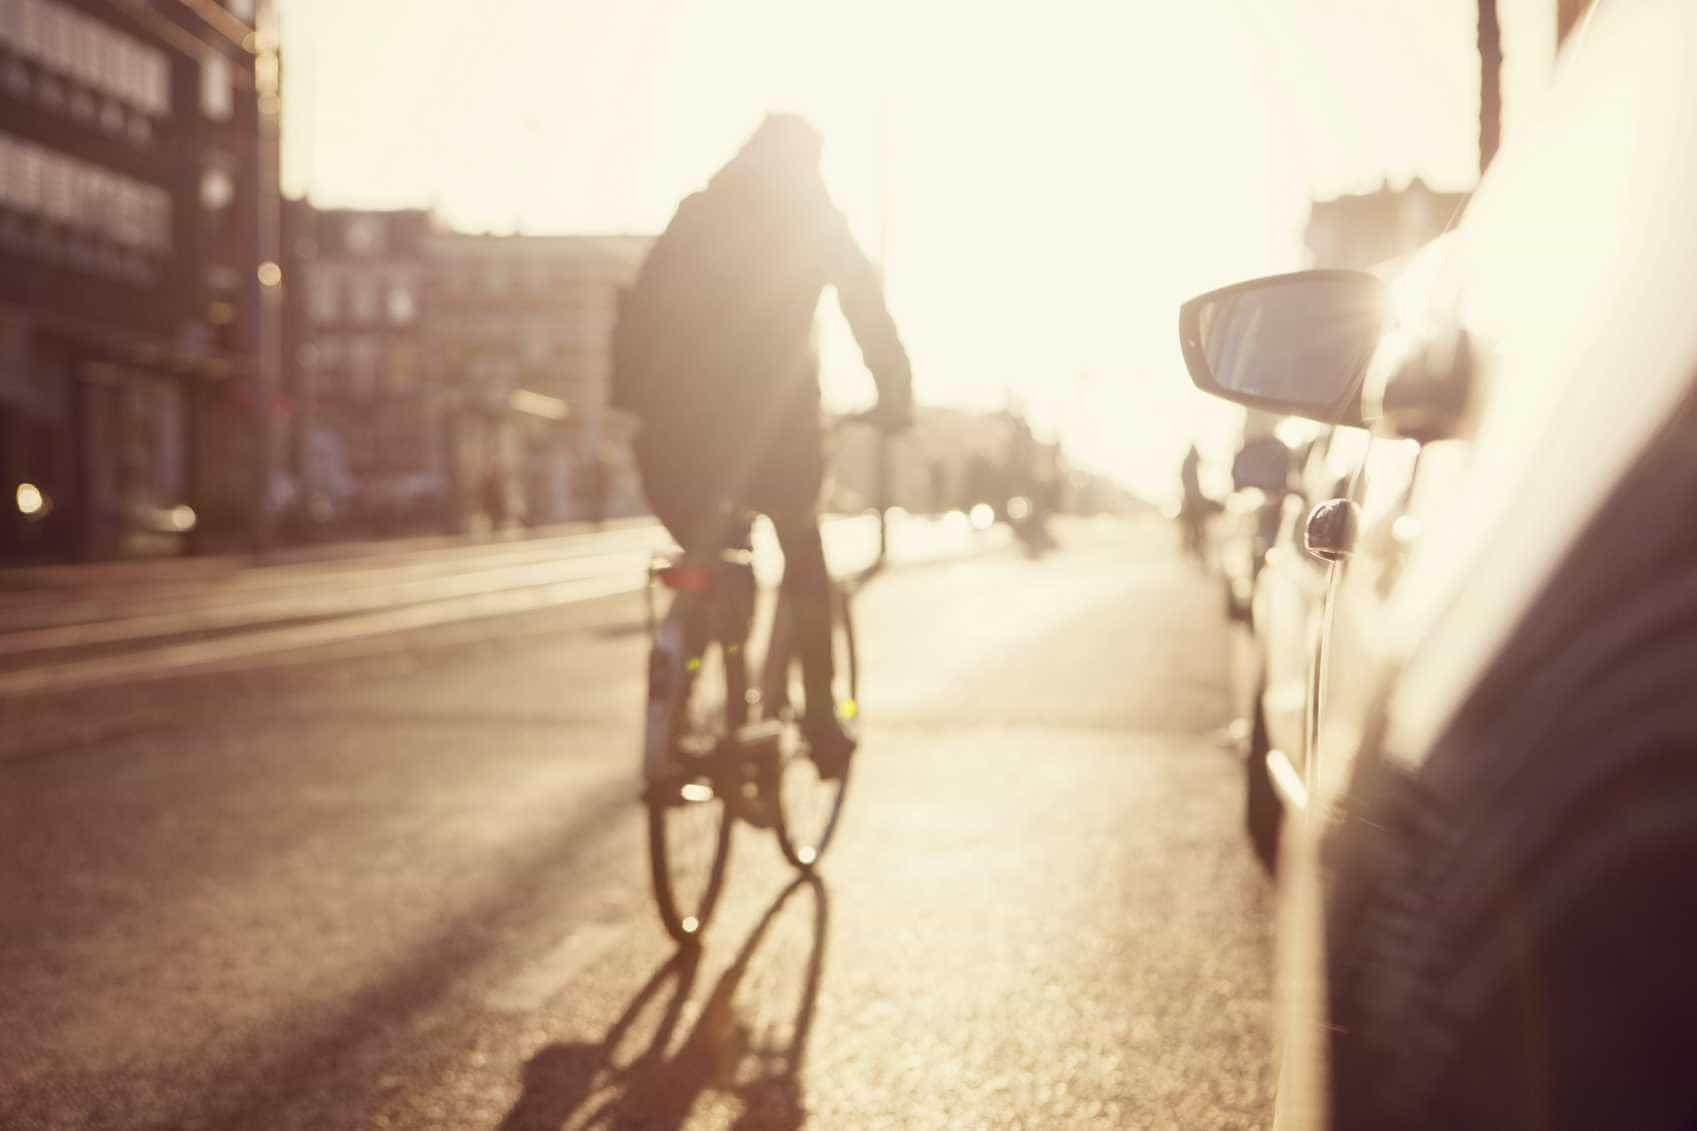 AR recomenda medidas para reduzir risco rodoviário para peões e ciclistas